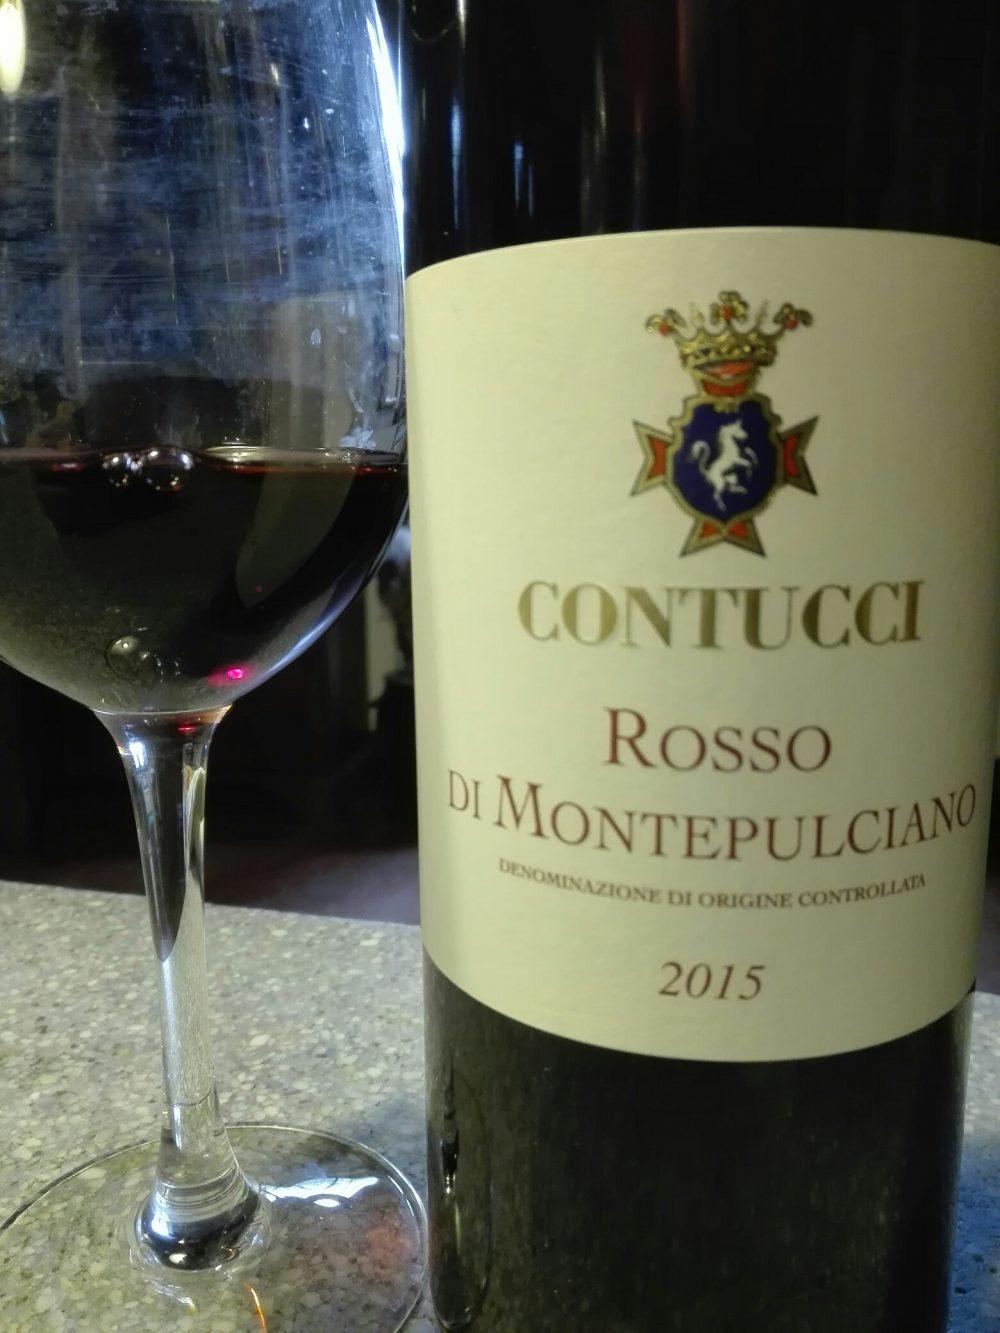 Rosso di Montepulciano doc 2015, Contucci